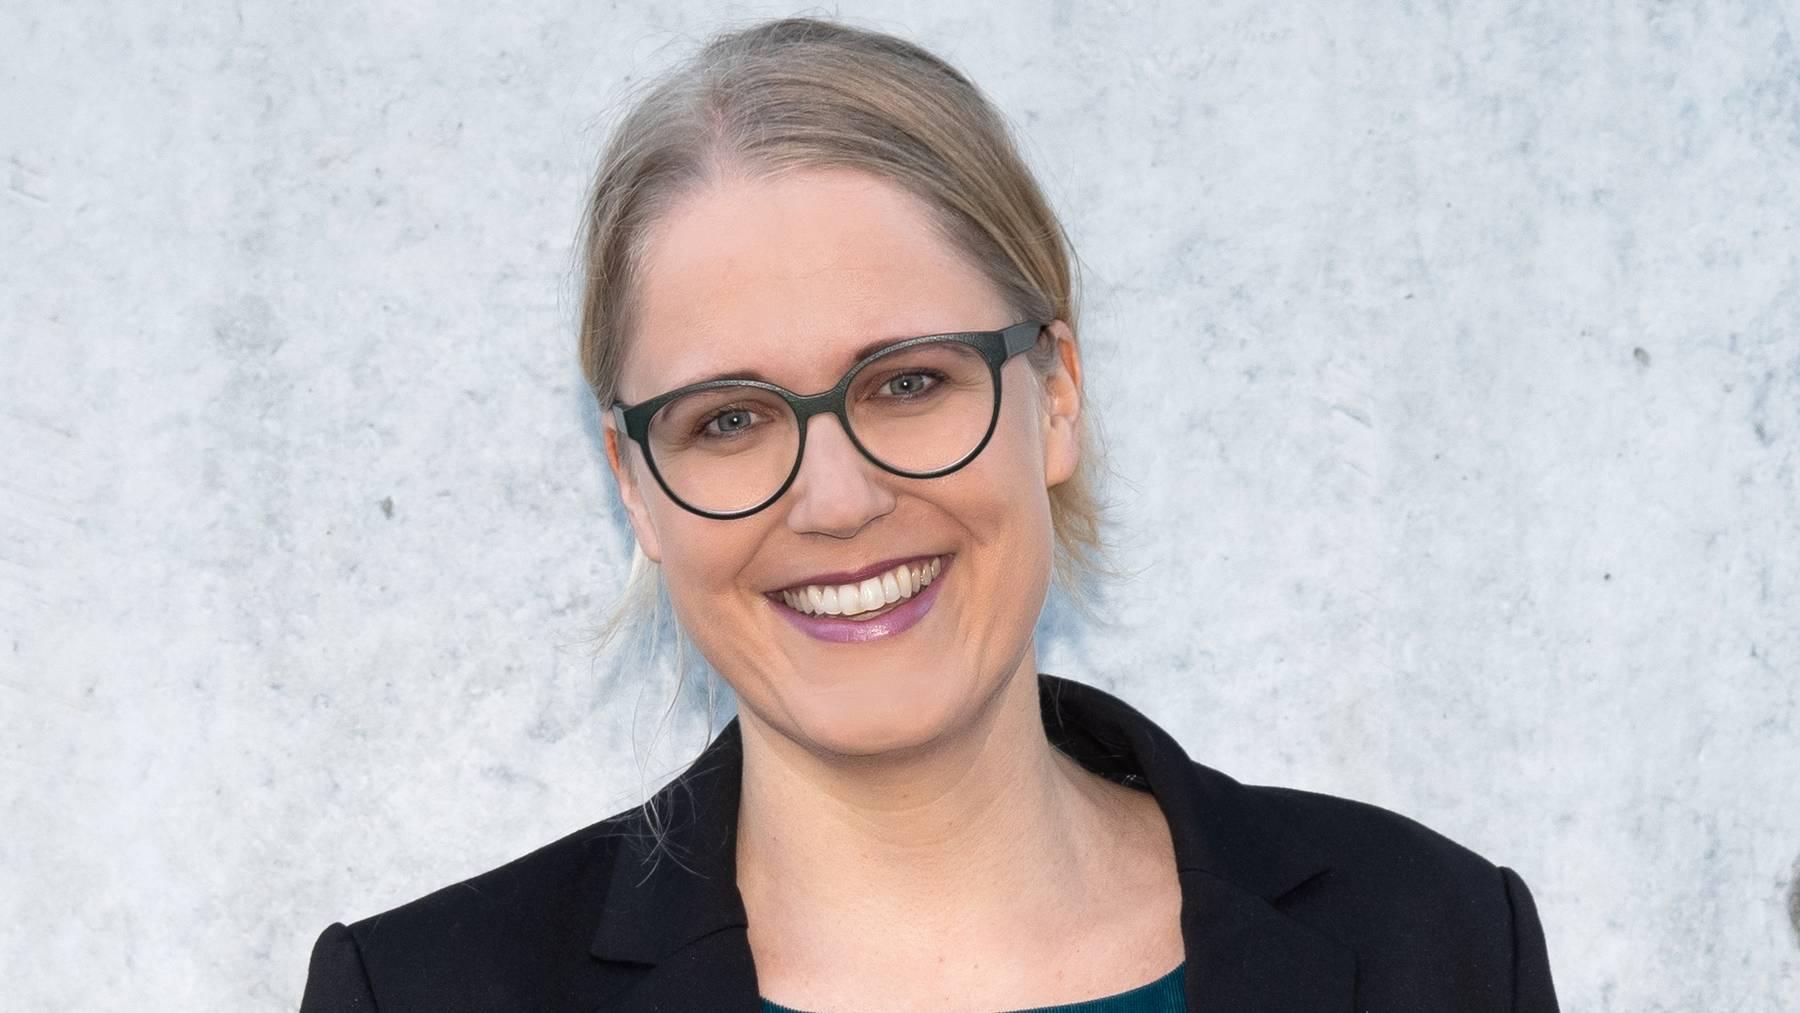 Die 37-jährige Tina Meyer wohnt in Ennetmoos und war vorher beim Krienser Unternehmen ratio AG Mitglied der Geschäftsleitung.